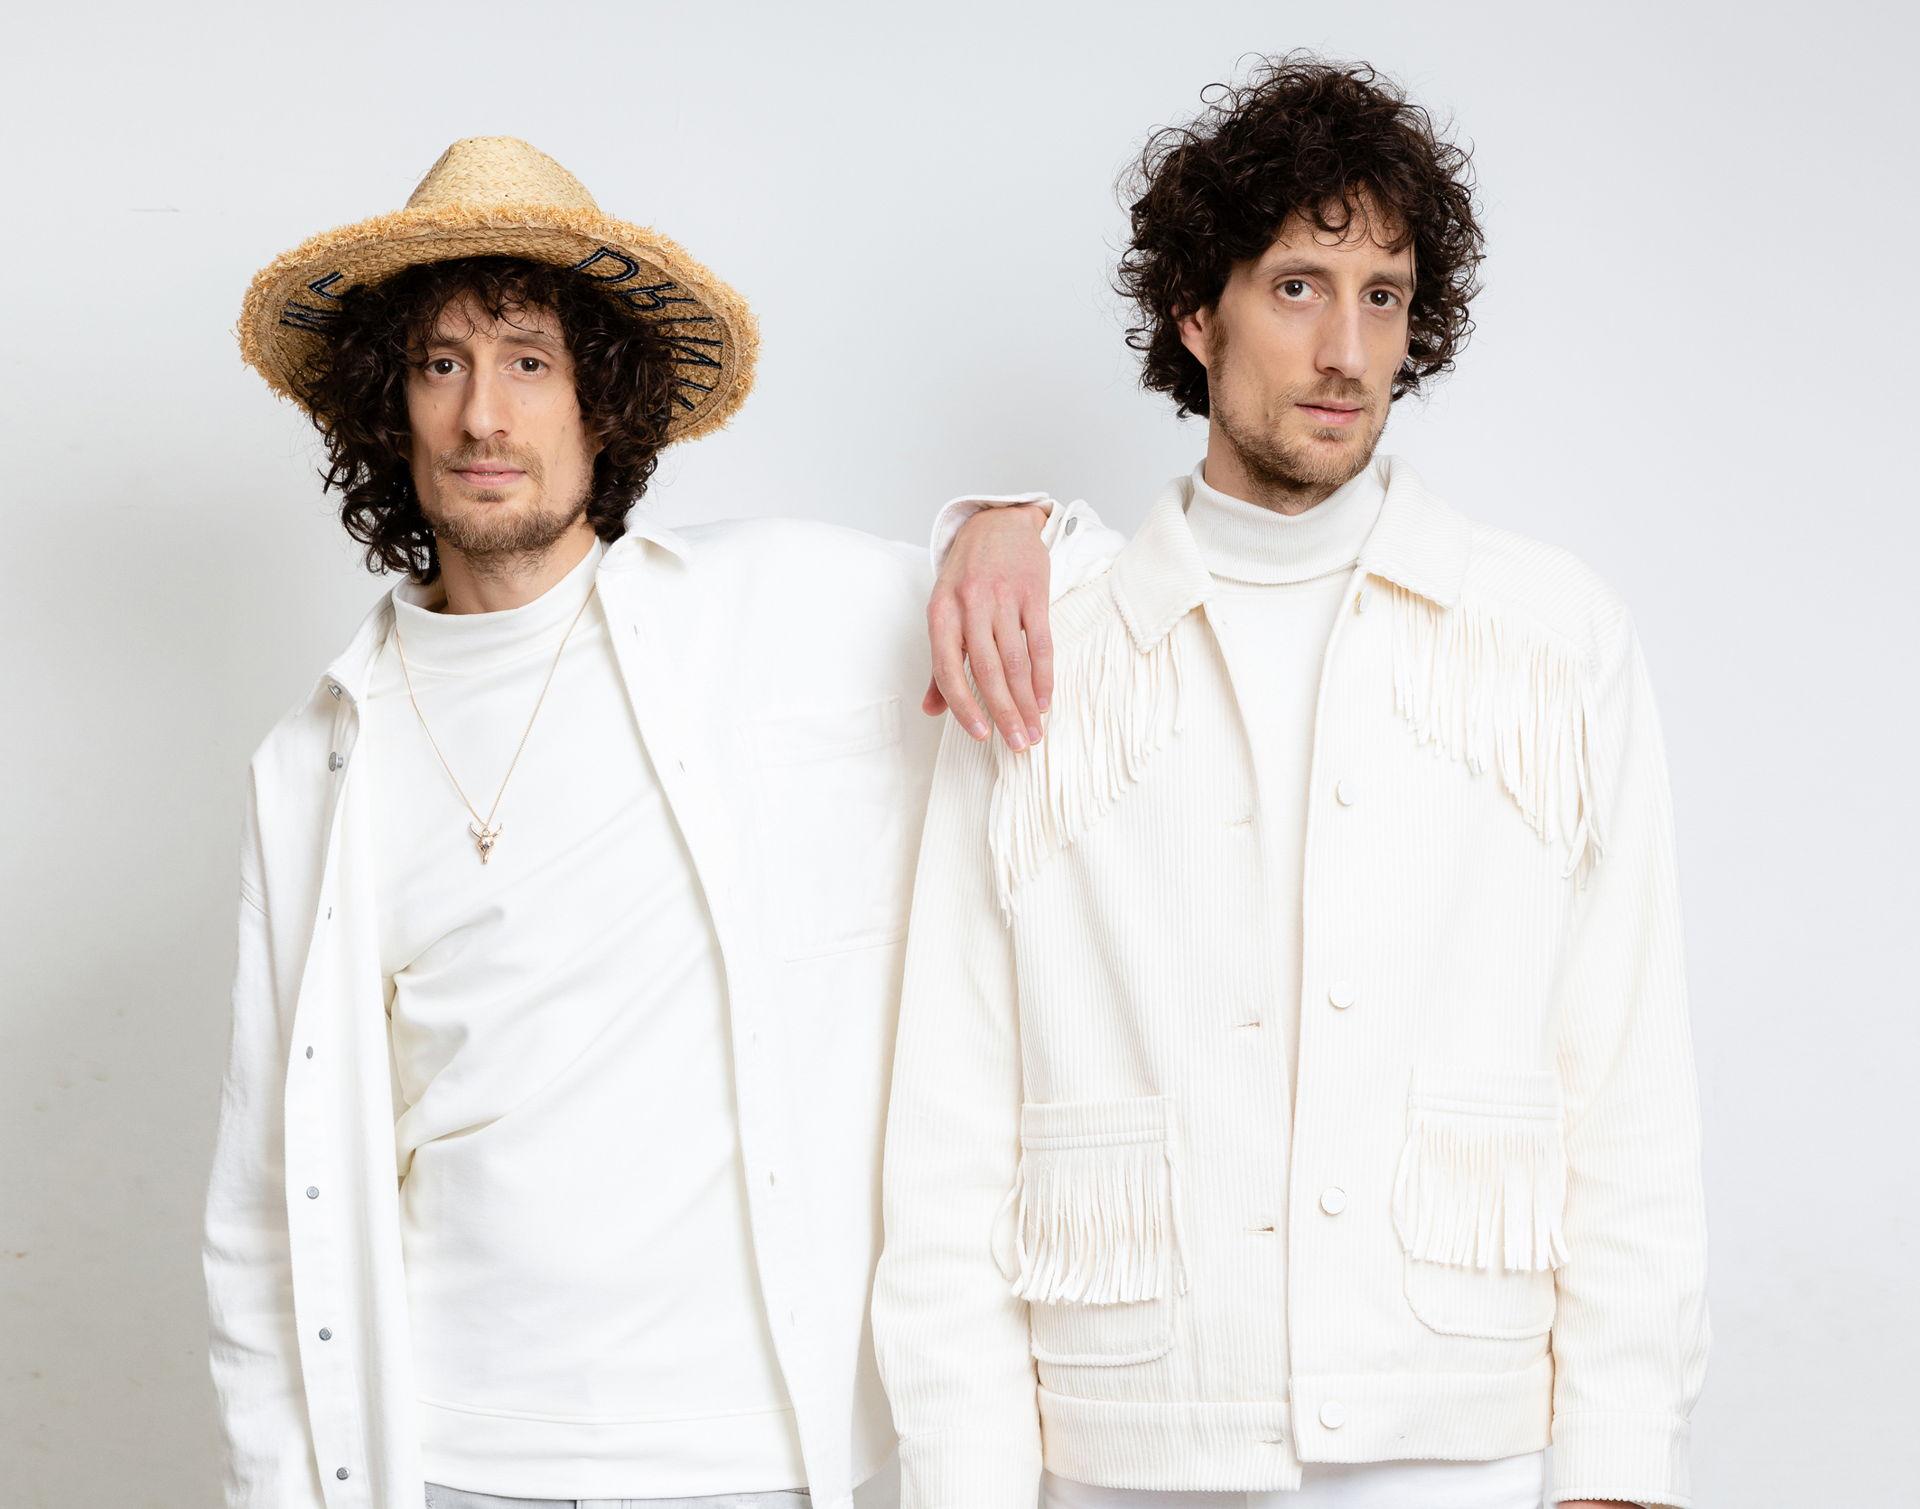 De broers van Tangarine spelen de mooiste liedjes van muziek-makende familieleden: van The Beach Boys tot The Carpenters, van Radiohead tot The Corrs en Kings of Leon. Want hoe is dat nou eigenlijk, om met je familie samen te werken?